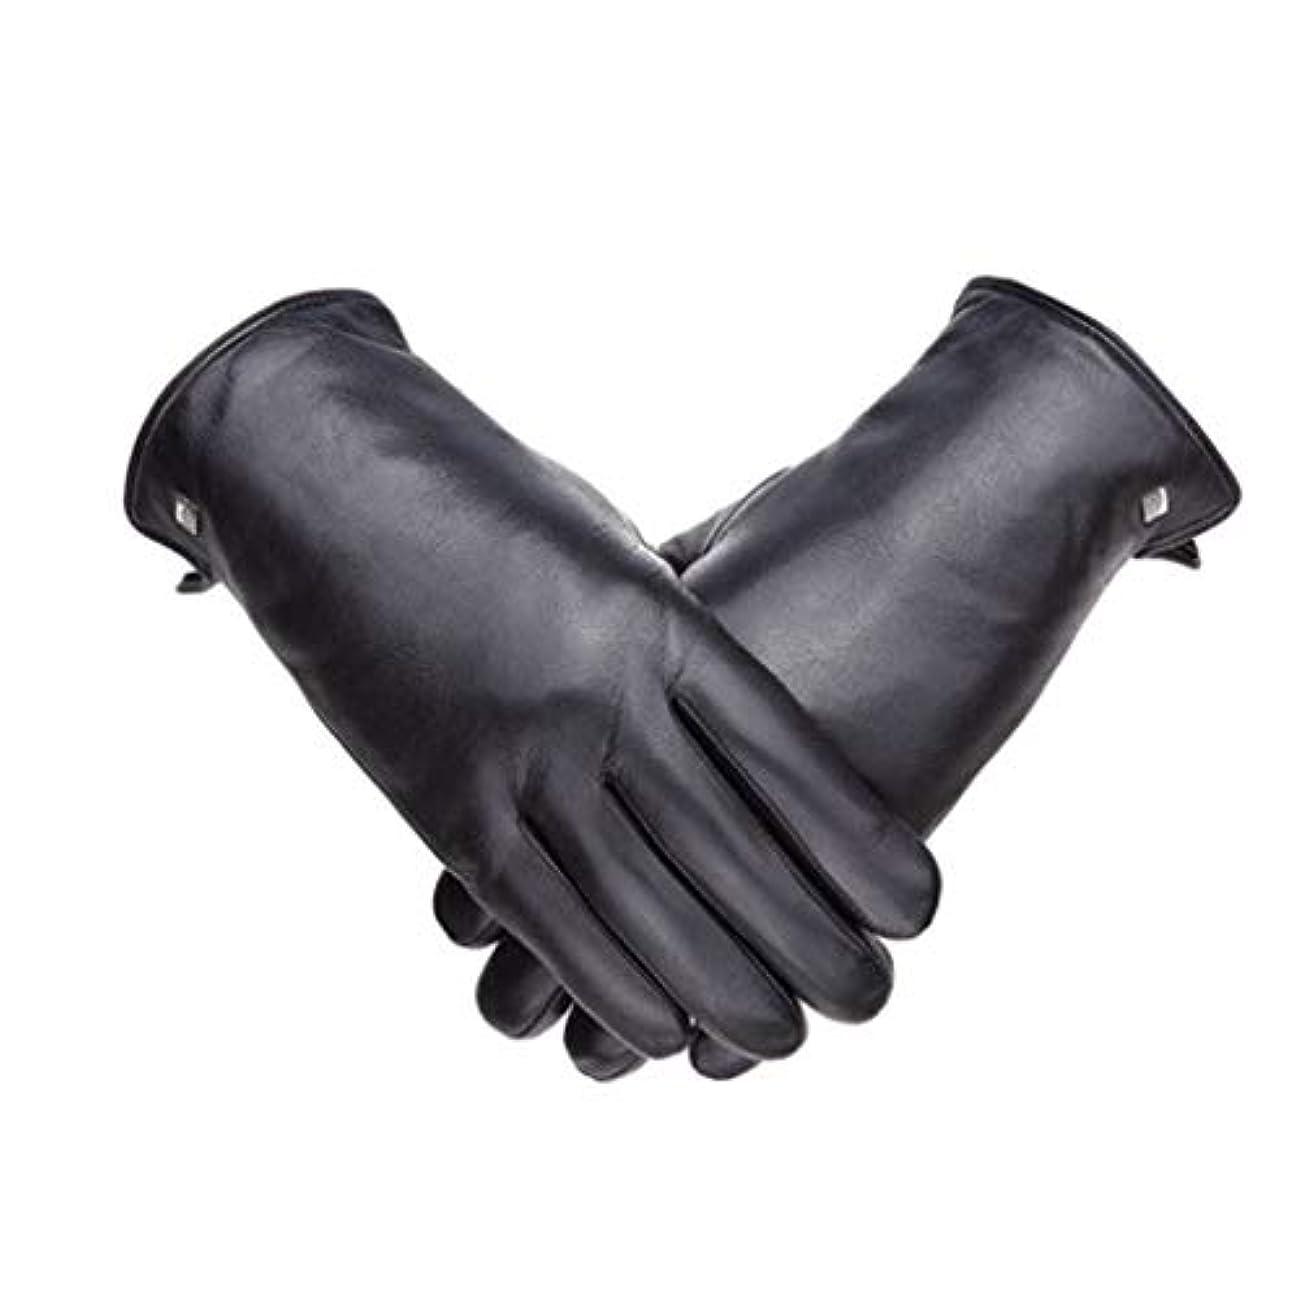 繊維代わりにを立てる花束革の肥厚プラスベルベット柔らかなヤギの男性の手袋防風寒い冬暖かい手袋を乗って19841101-01B黒XXL